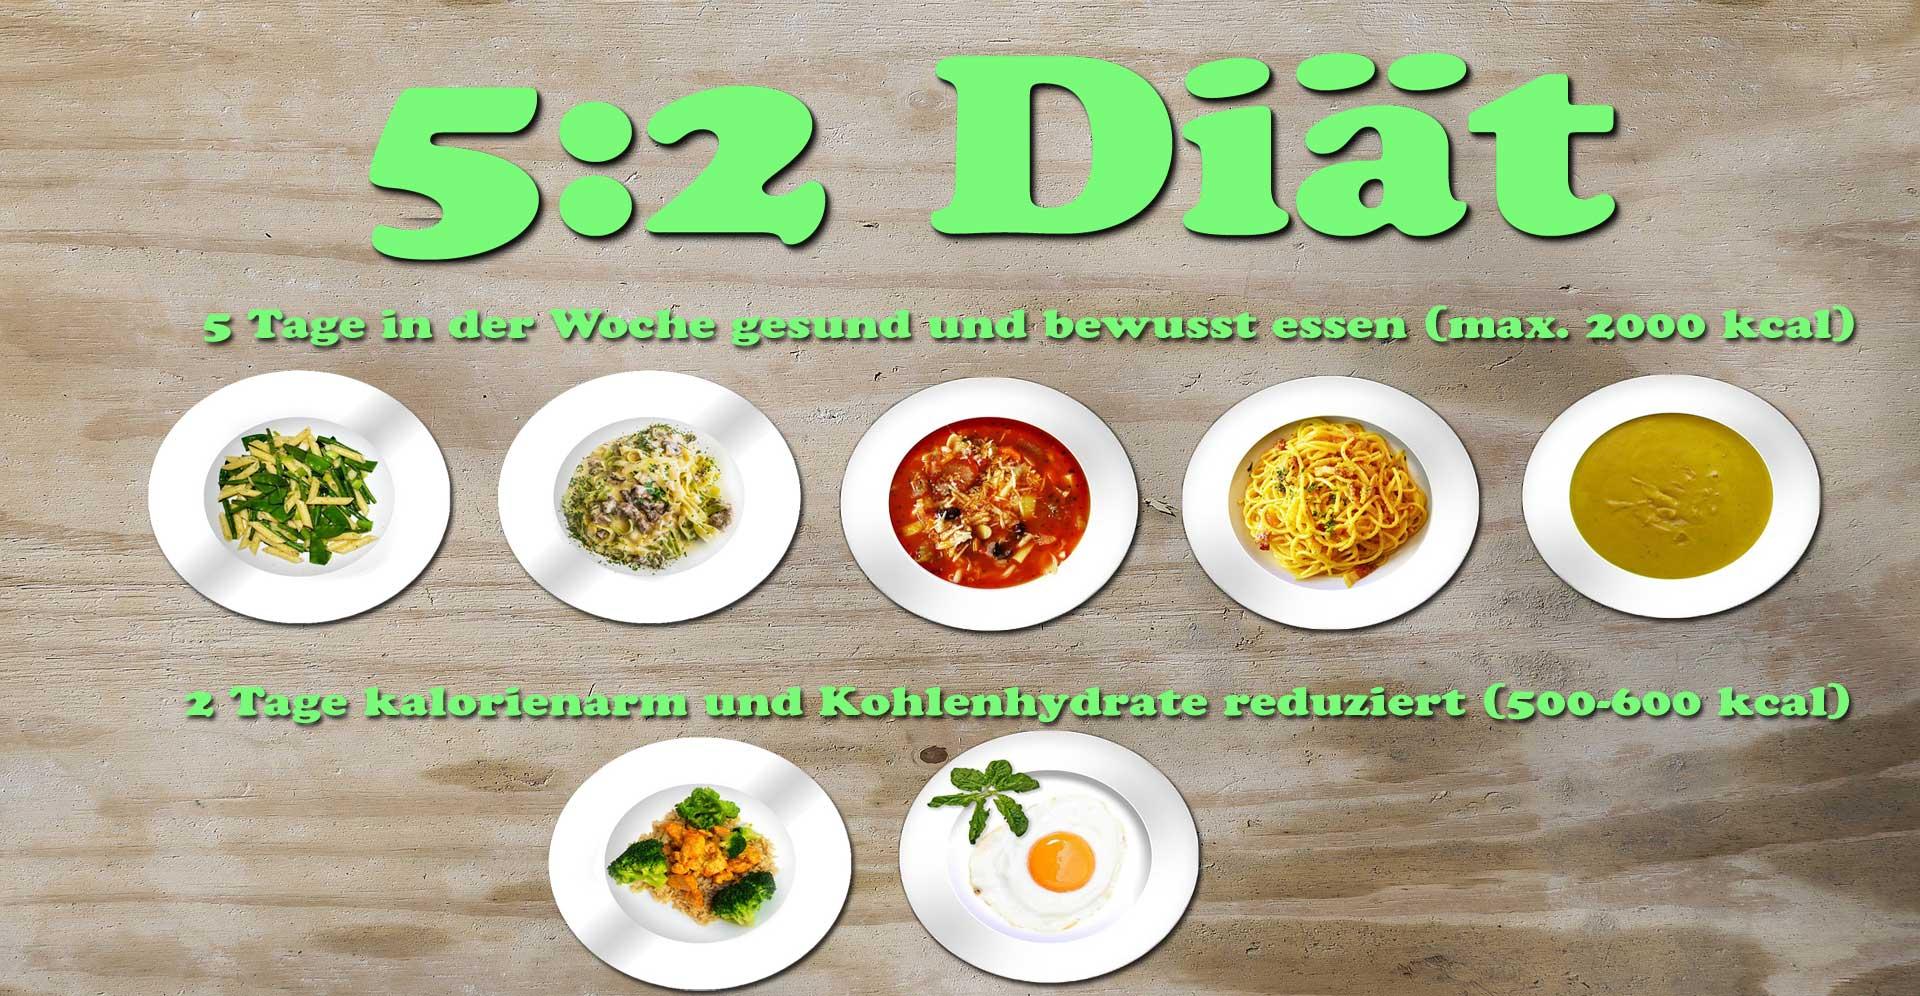 ᐅ 52 Diät Erfahrungen Fasten Rezepte Zum Abnehmen